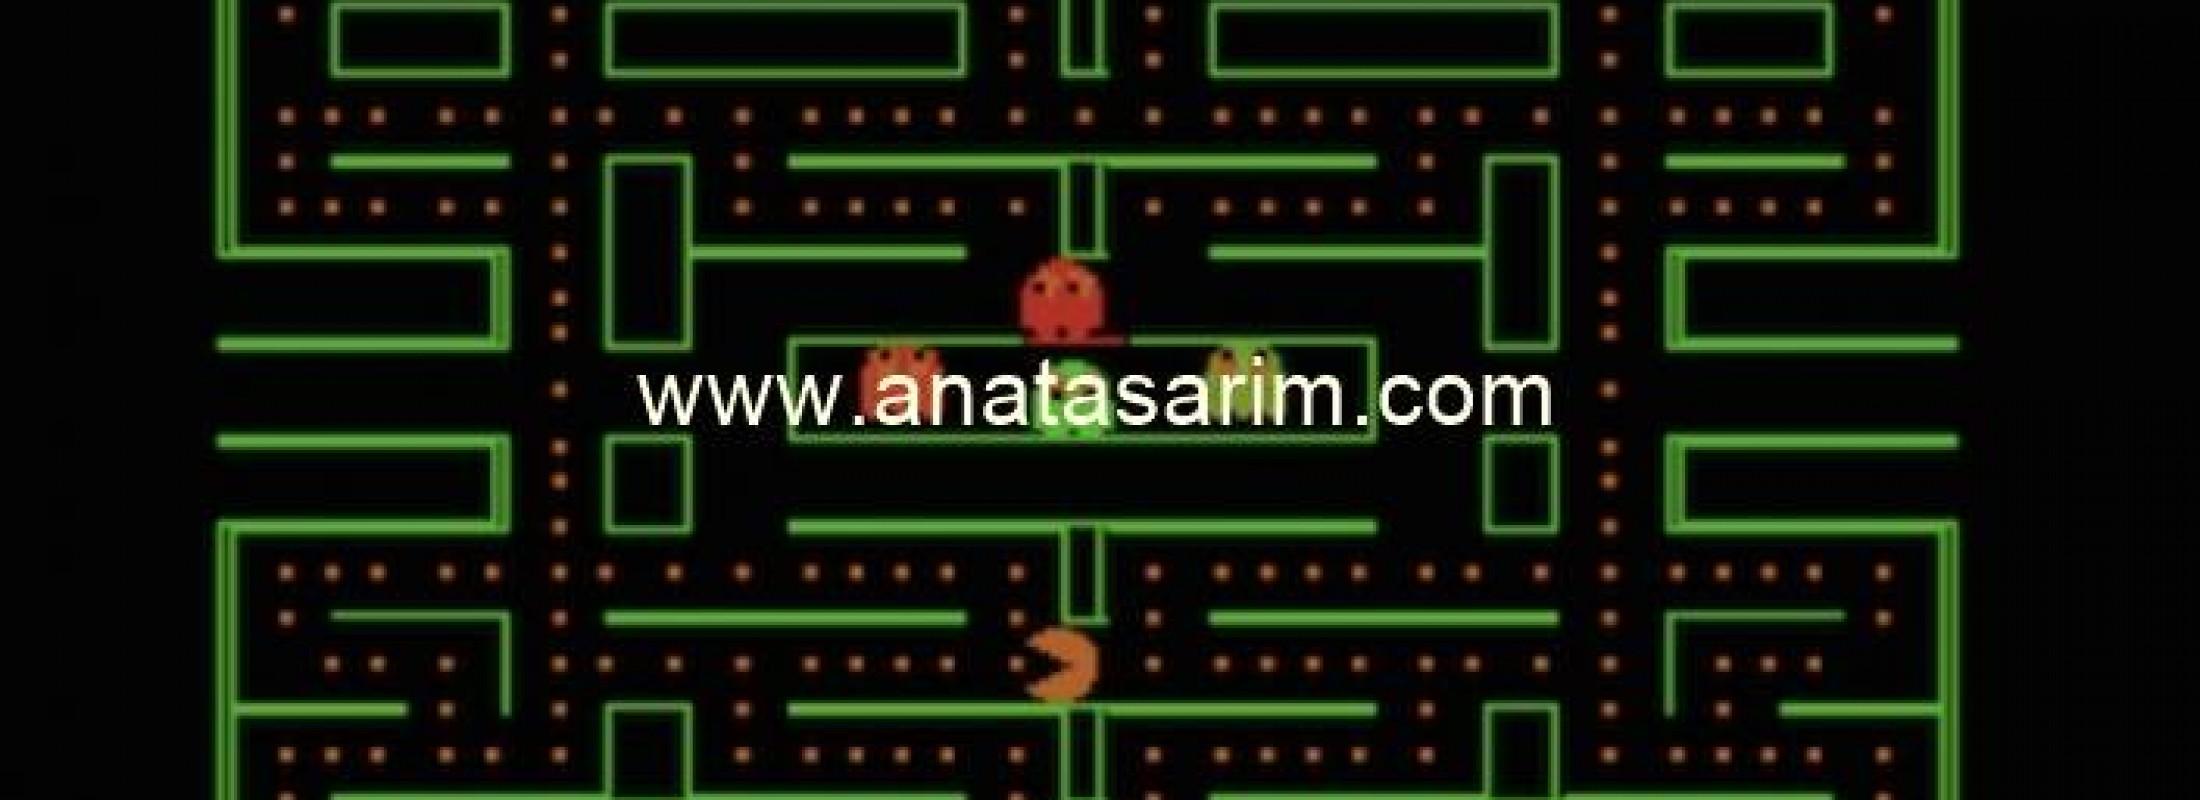 Street Fighter ve Pac-Man Gibi Efsane Oyunları Twitter'da Oynayın